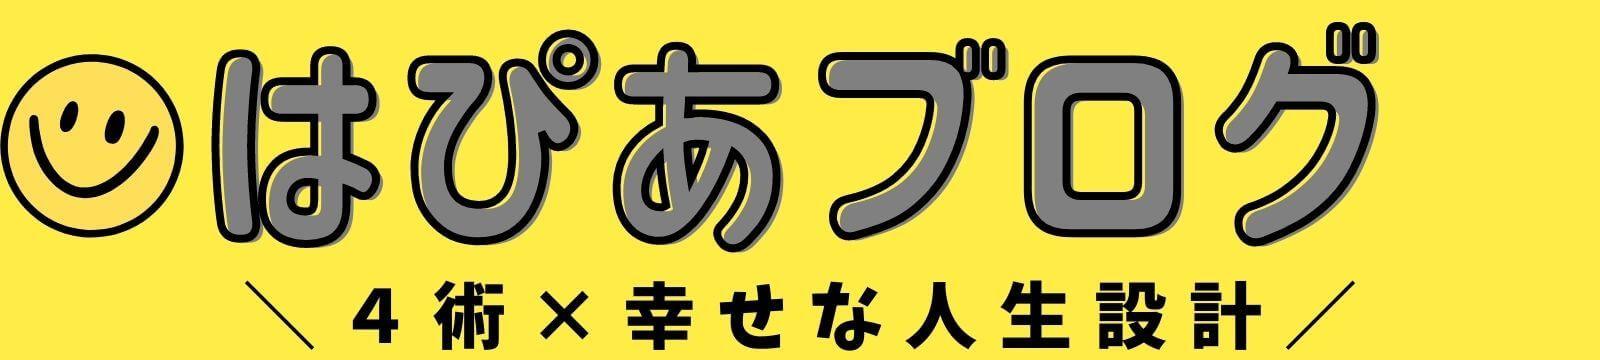 はぴあブログ